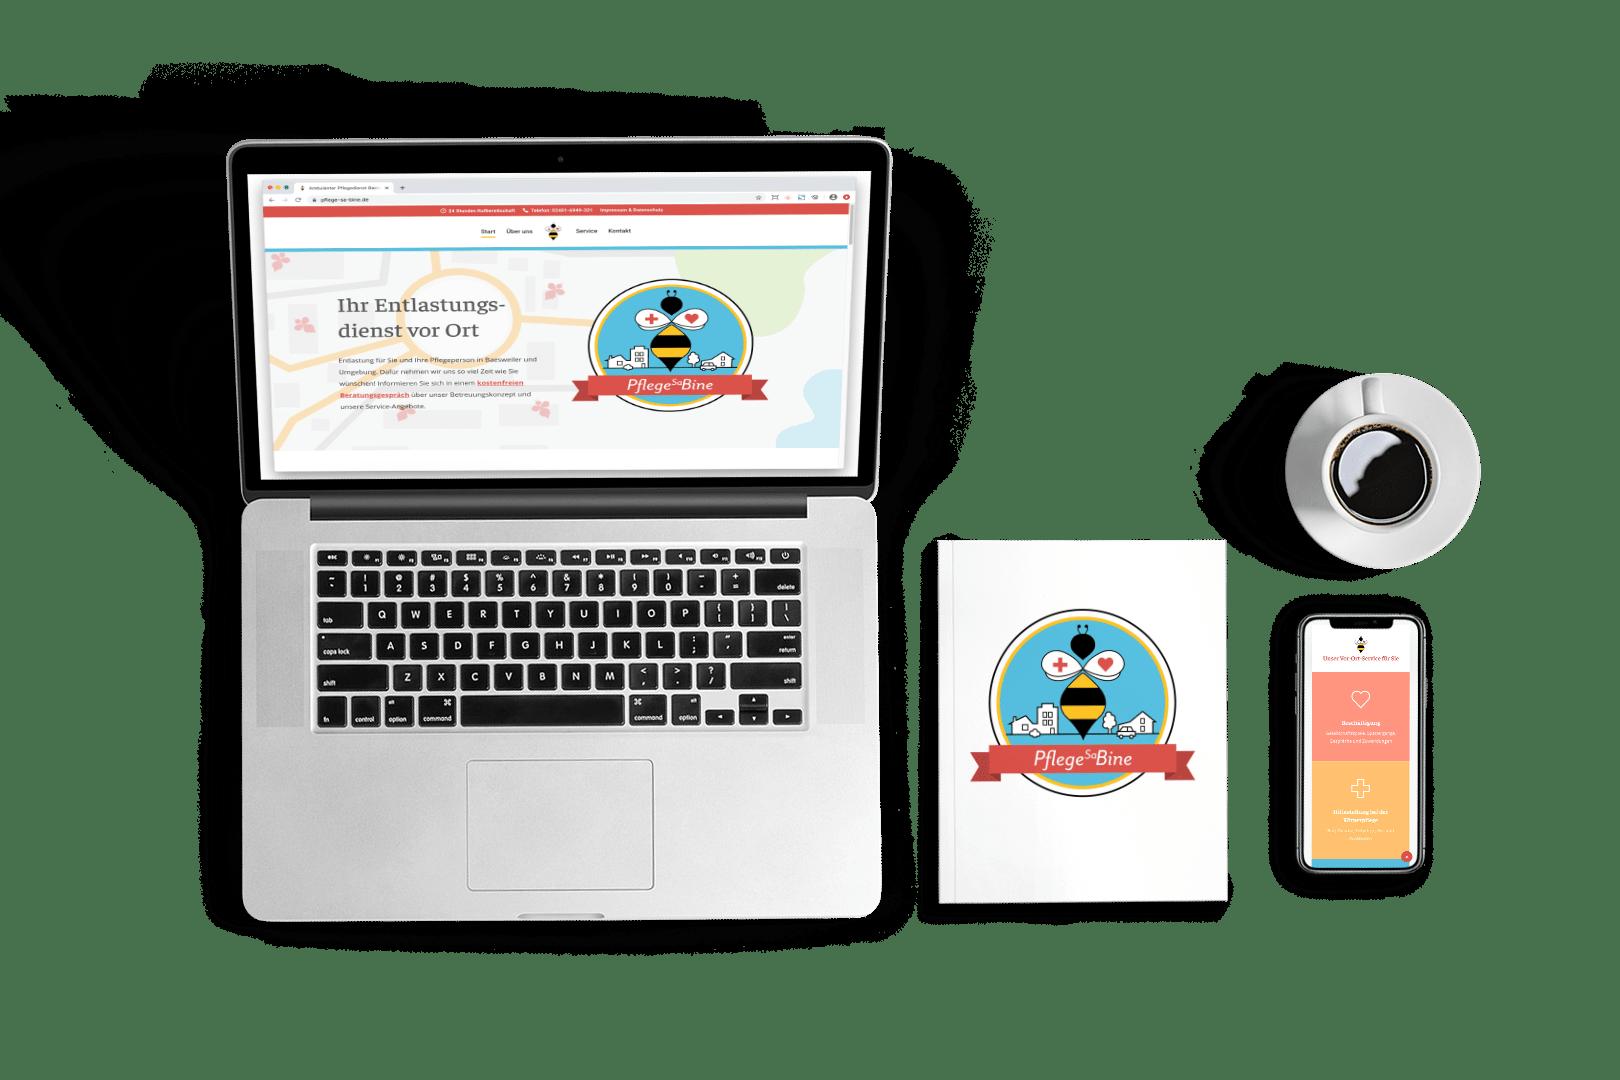 Onepage-Webseite Pflege Sa-Bine - Elementardesign